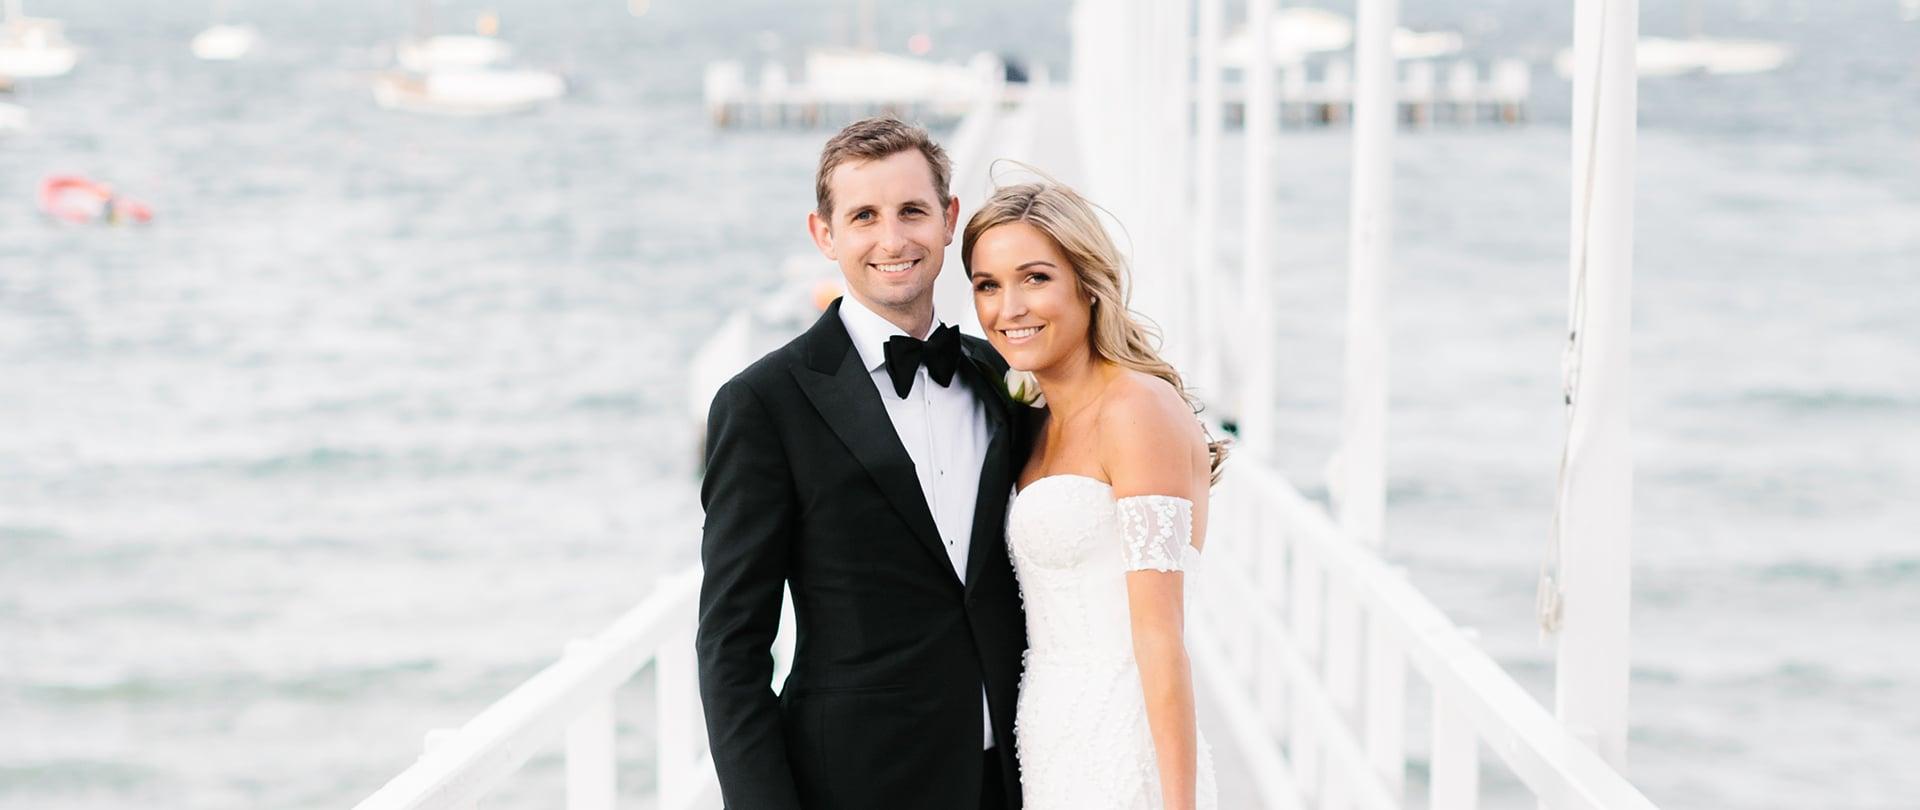 Charlotte & Charlie Wedding Video Filmed at Mornington Peninsula, Victoria